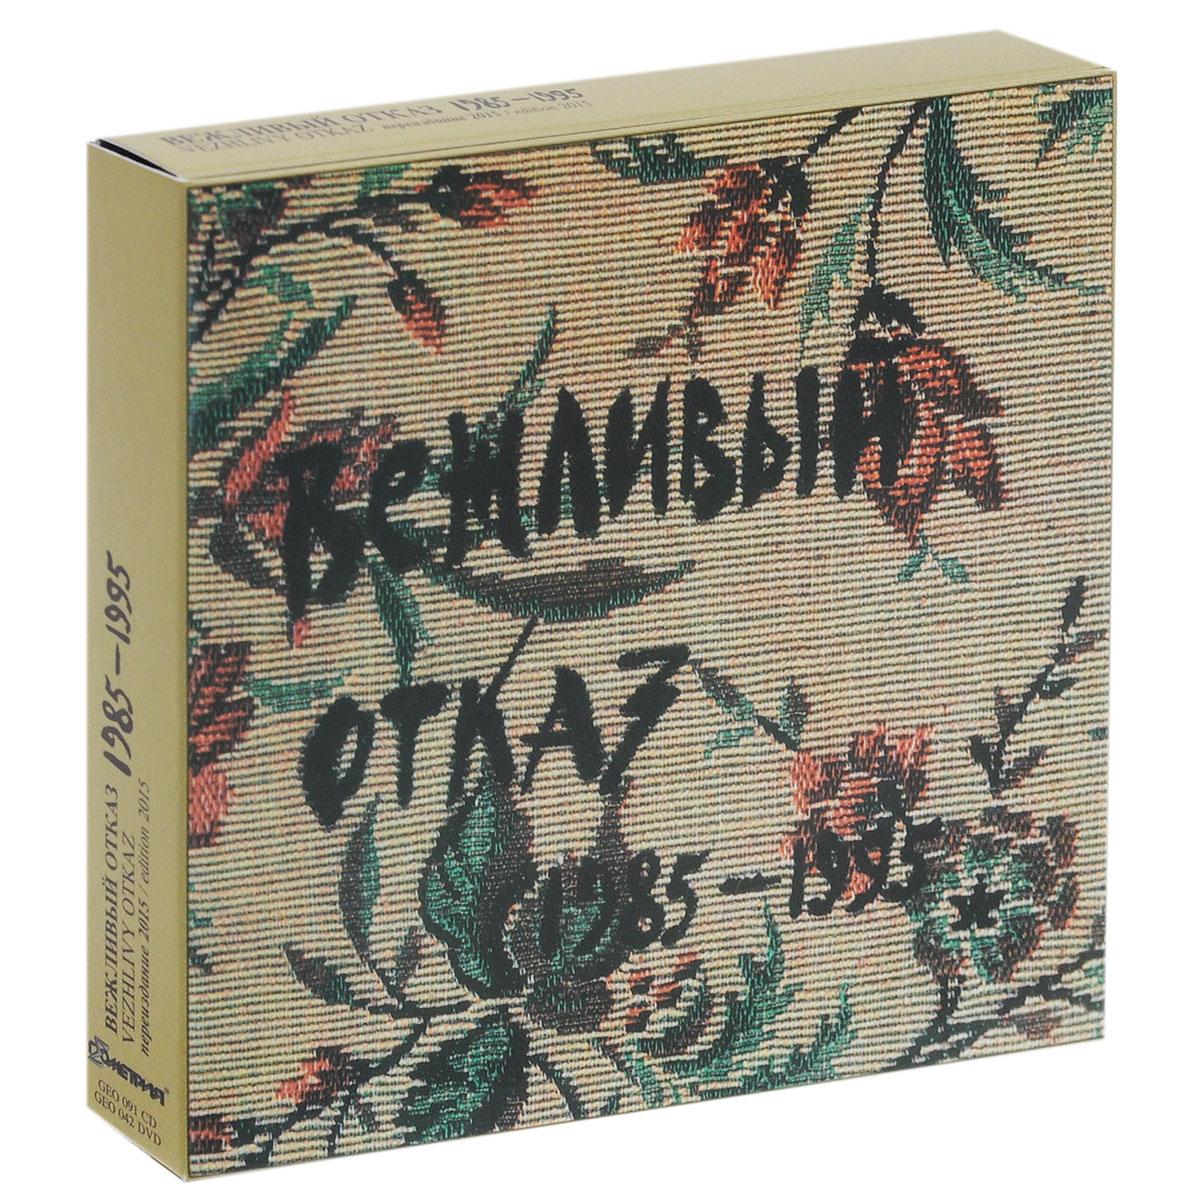 Вежливый отказ Вежливый отказ. Вежливый отказ 1985-1995 гг (CD + DVD) спутник 1985 купить украина одежда